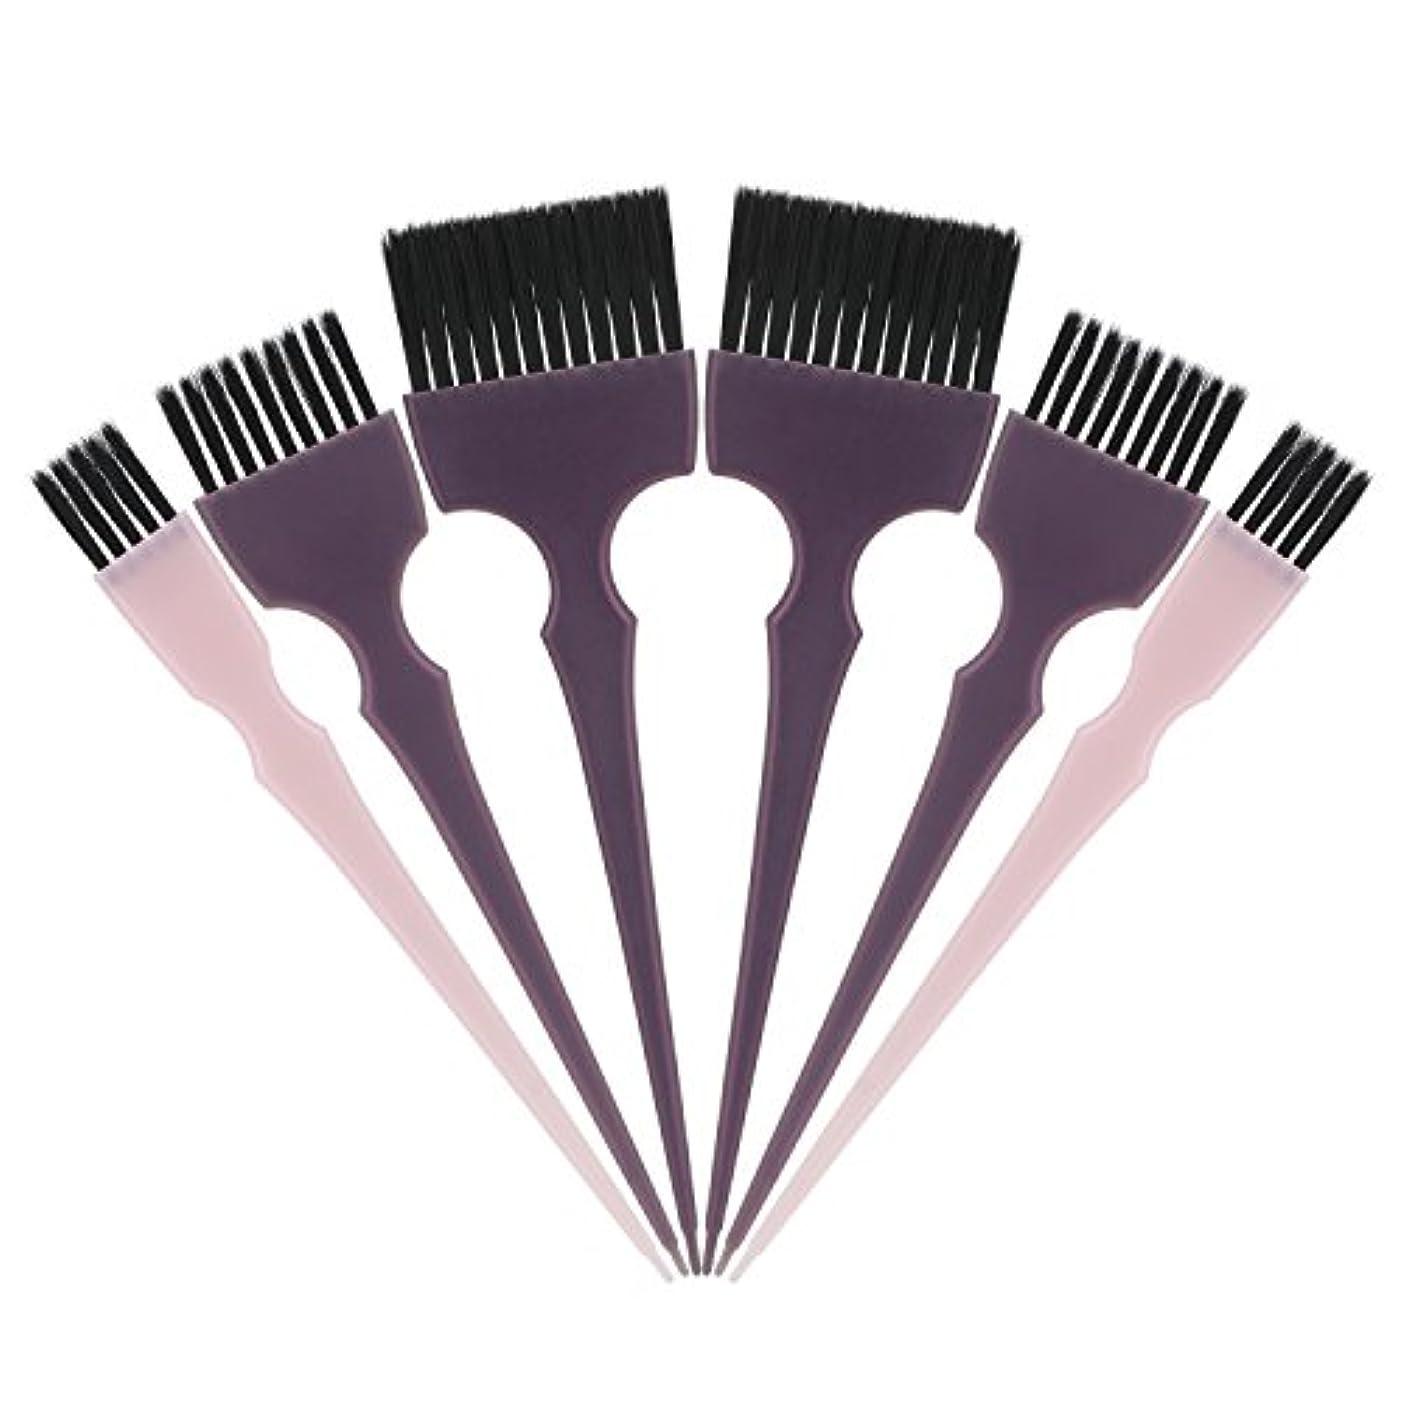 鎮静剤はがきレディSegbeauty 髪染めのブラシ 六本のセット サロンの美髪用 プロのヘアカラーリング用